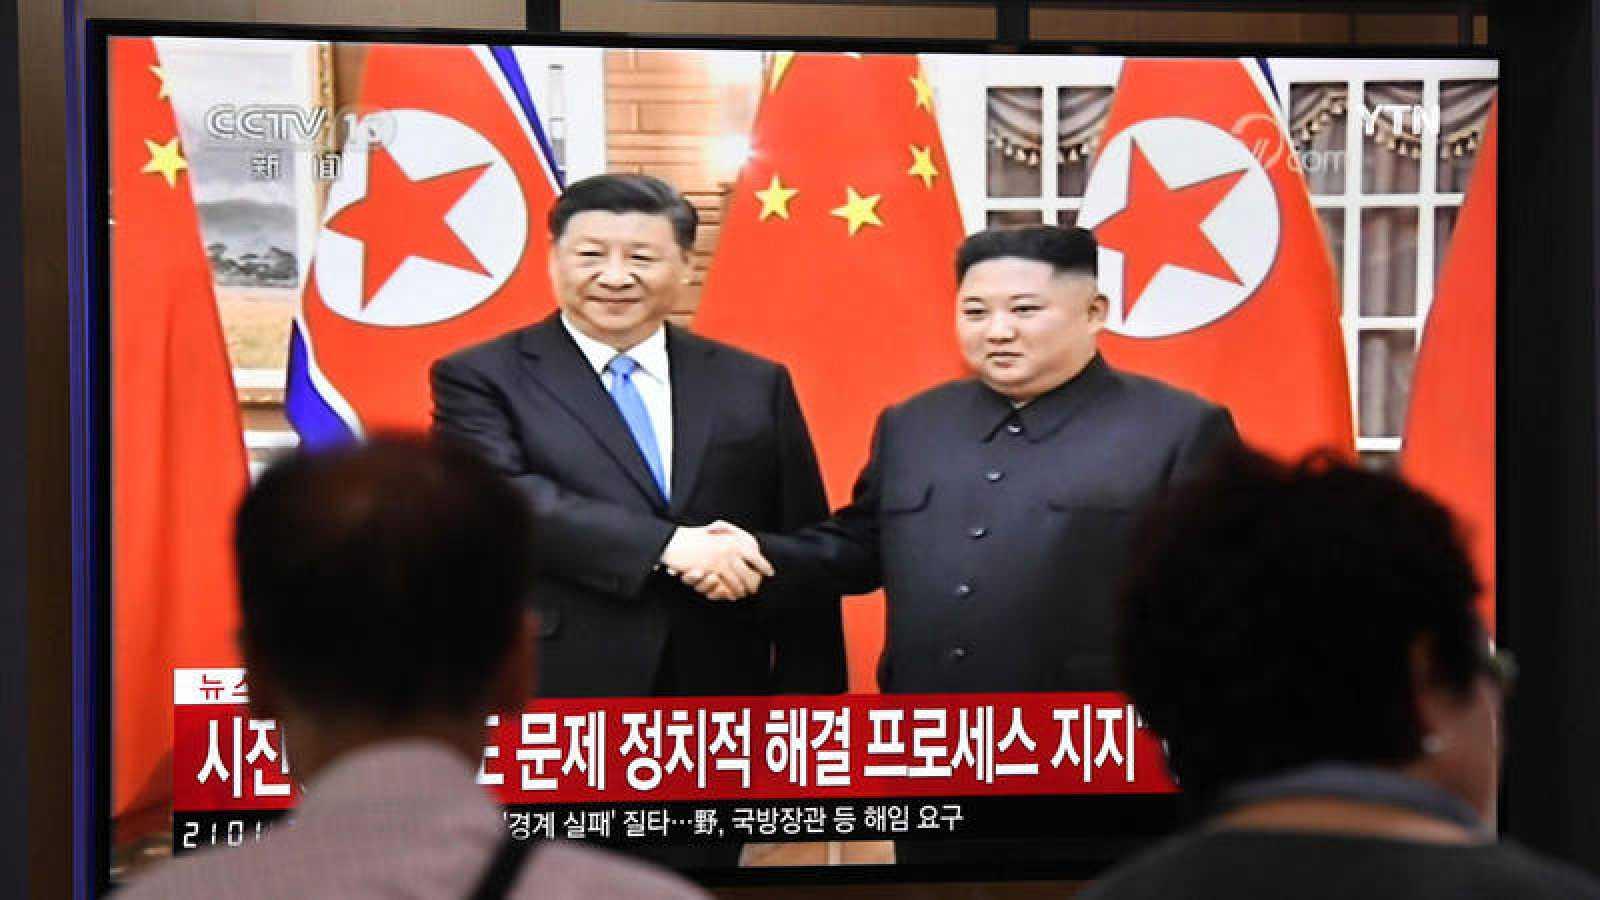 La gente ve una pantalla de noticias de televisión que muestra al líder norcoreano Kim Jong Un dándose la mano al presidente chino Xi Jinping, en la estación ferroviaria de Seúl